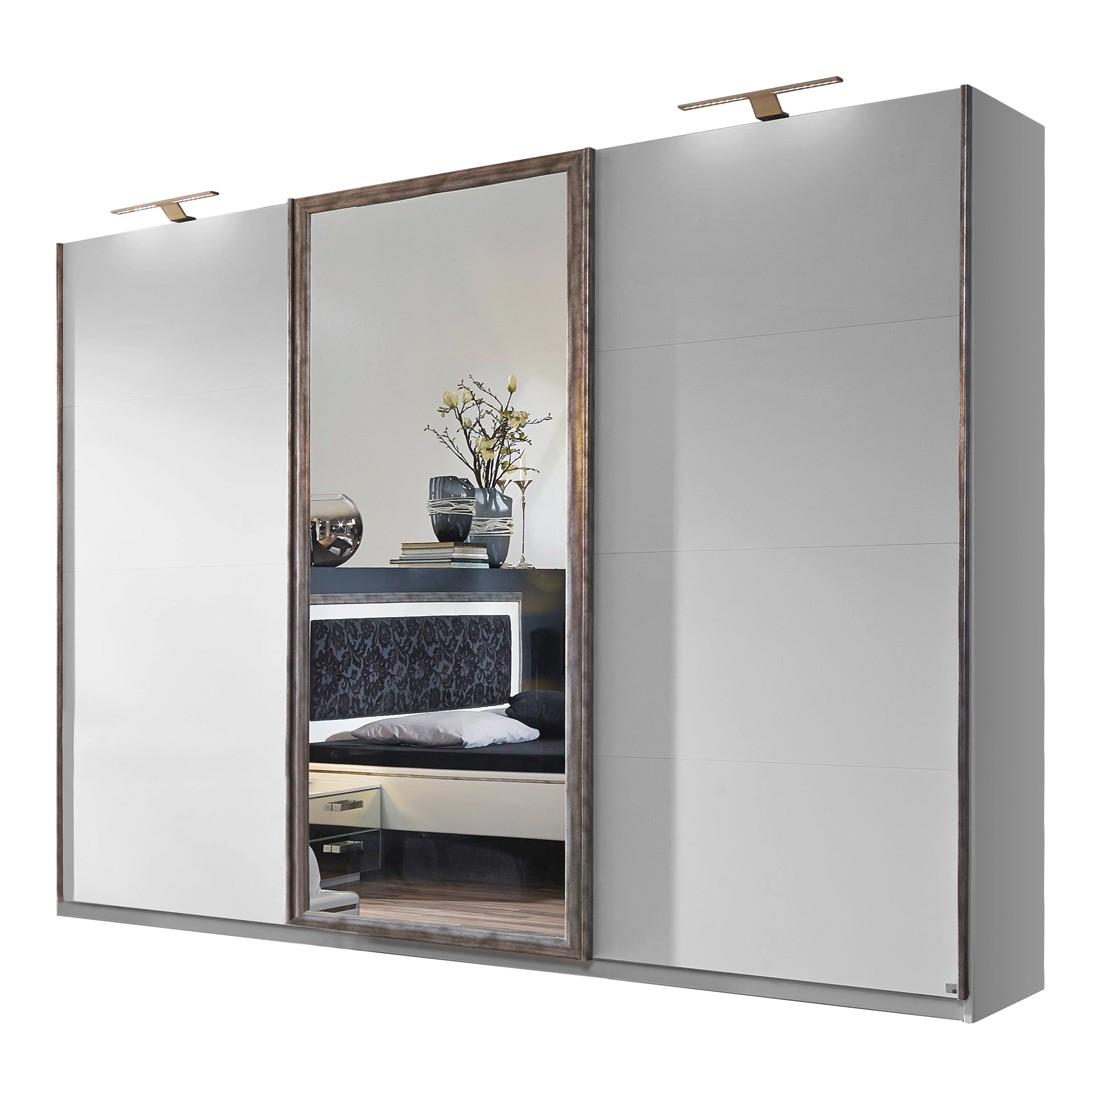 Schlafzimmerkasten  Möbel online günstig kaufen über shop24.at | shop24